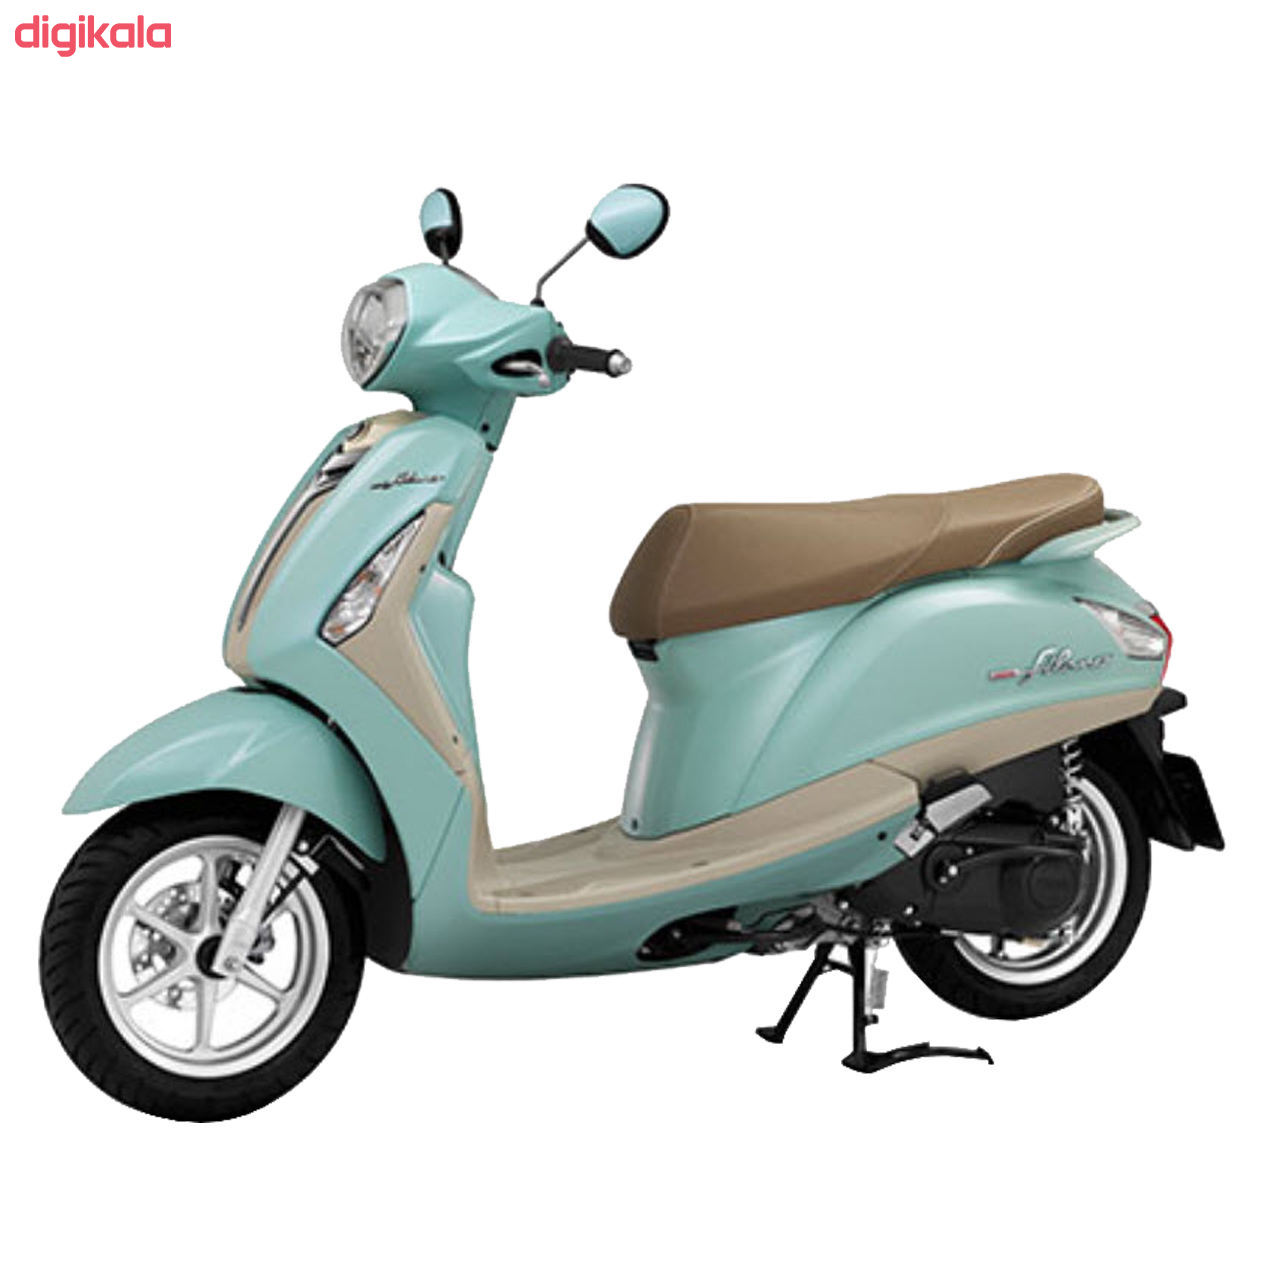 موتورسیکلت یاماها مدل GRAND FILANO ABS حجم 125 سی سی سال 1399 main 1 2